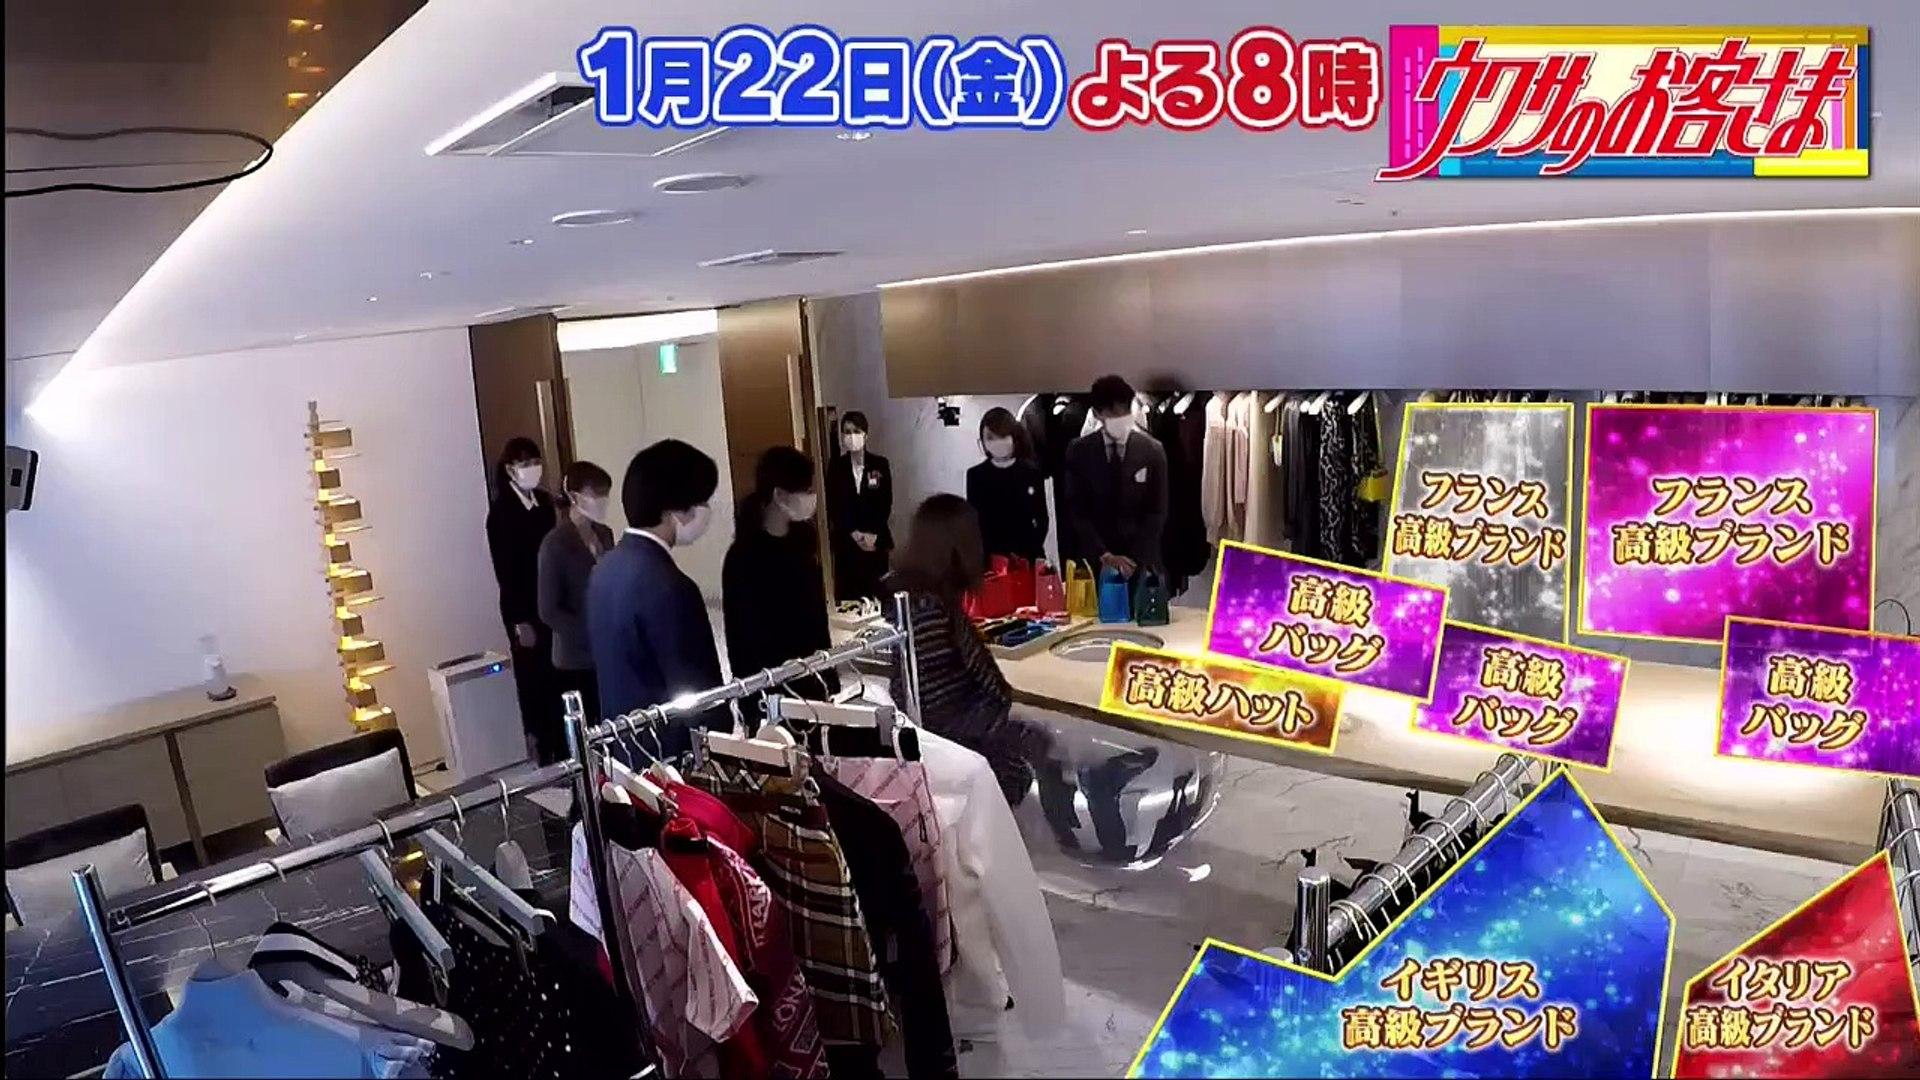 石橋 薪 を くべる 動画